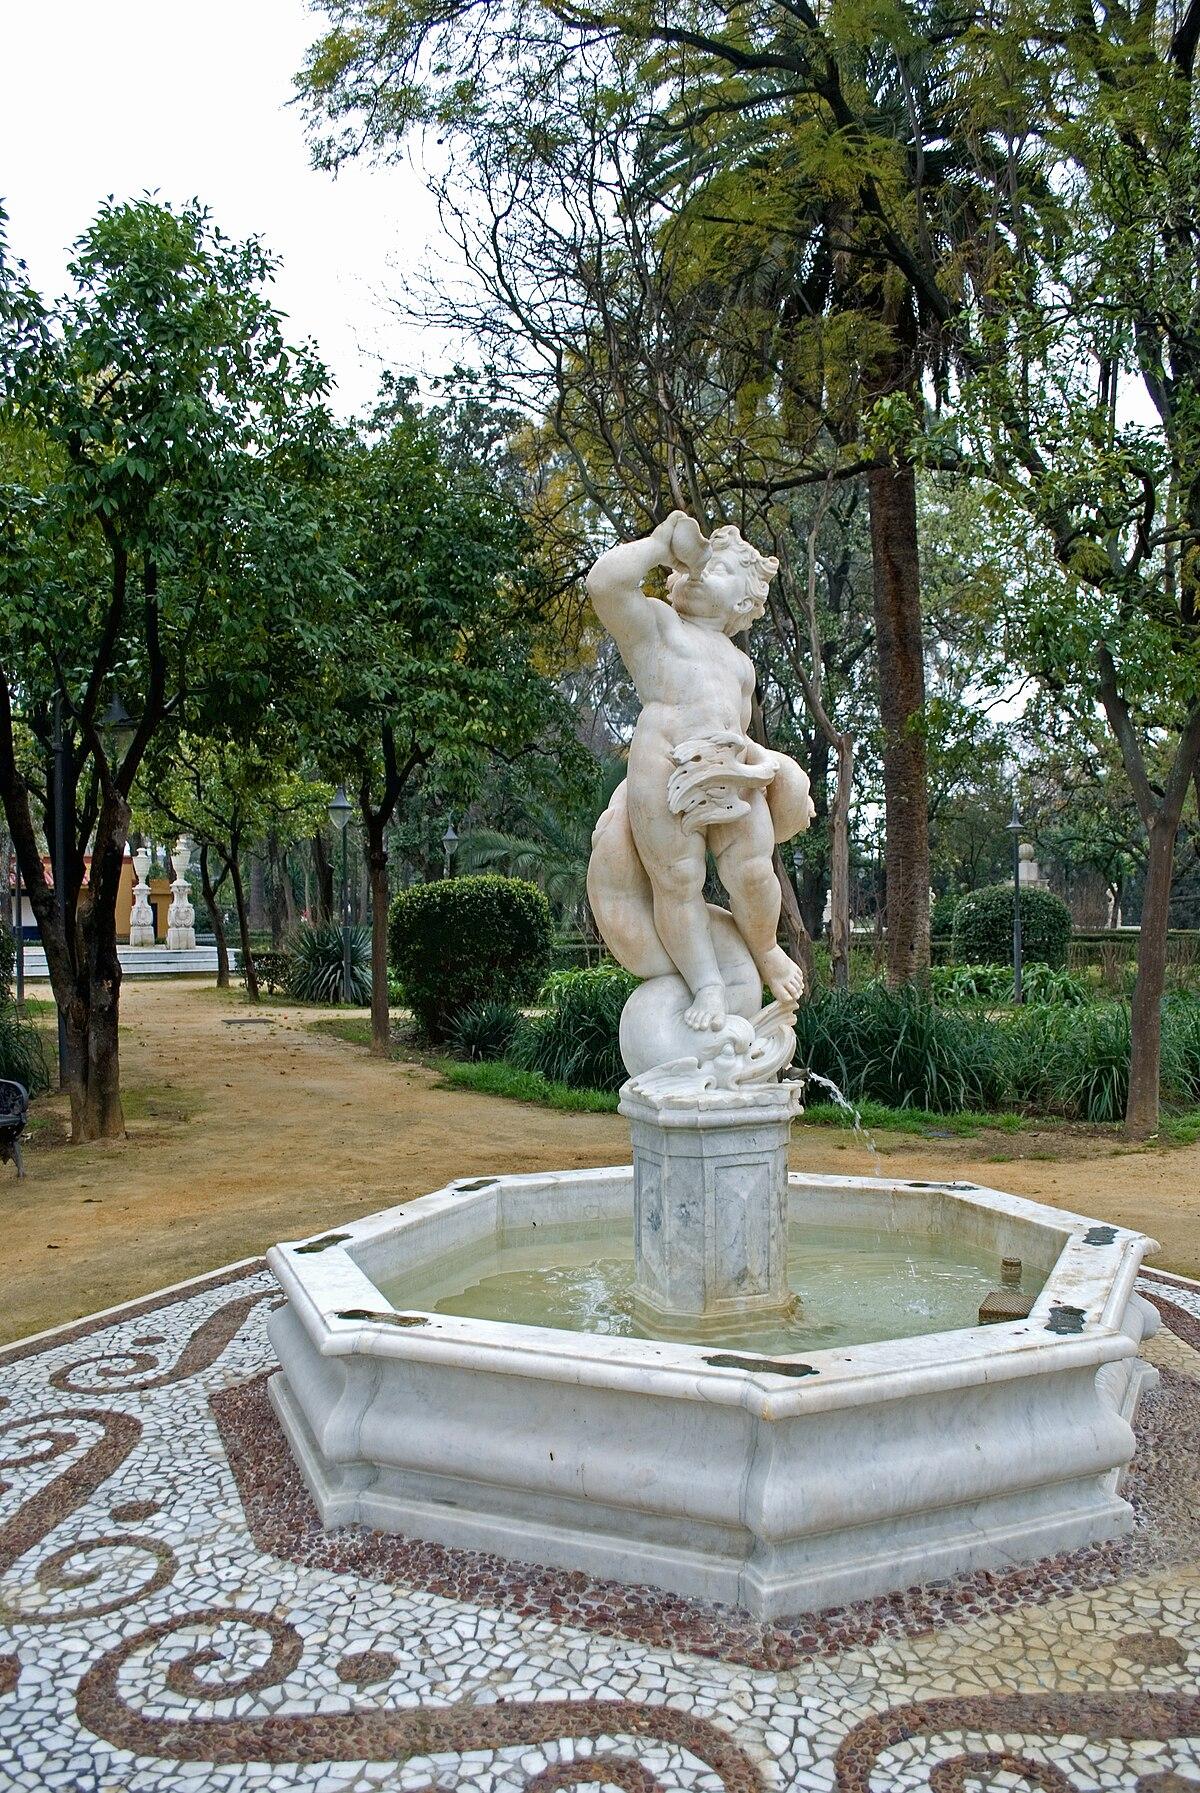 Jardines de las delicias sevilla wikipedia la for Jardines verticales sevilla